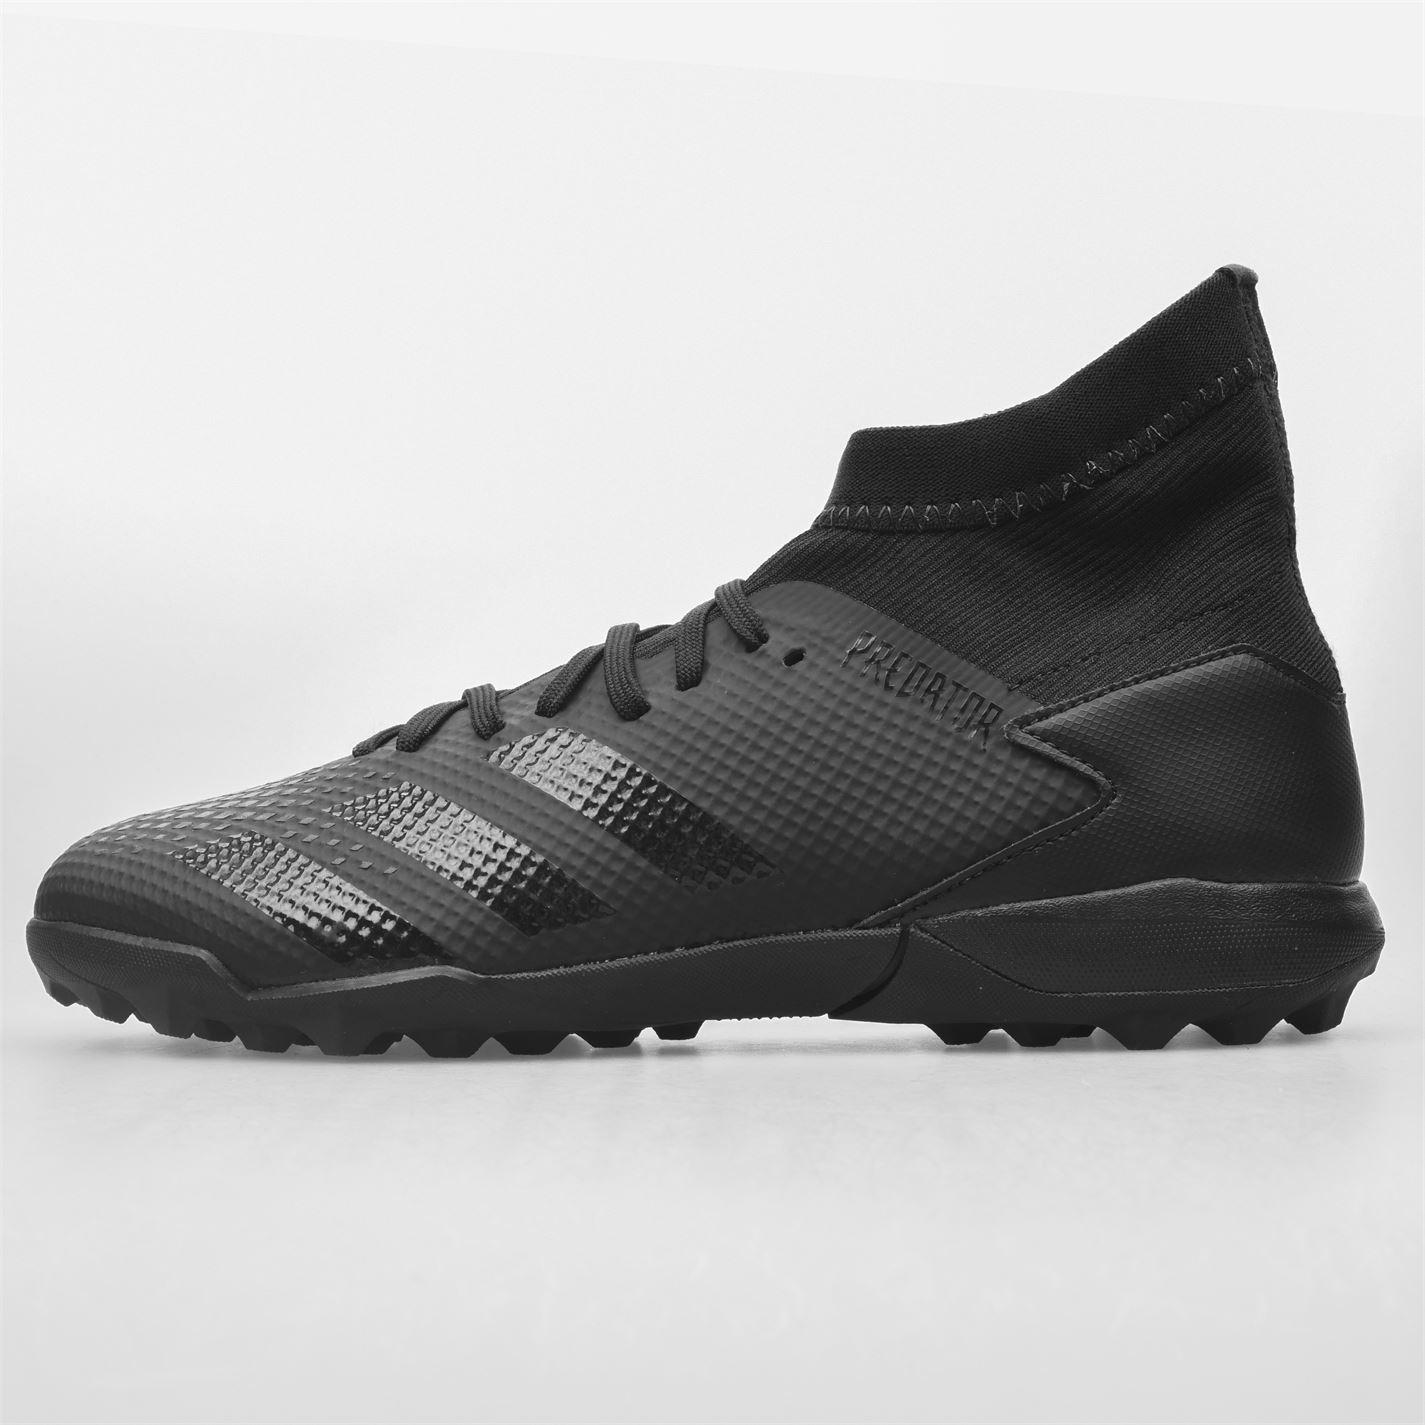 Mergi la Adidasi Gazon Sintetic Adidasi Fotbal adidas adidas Predator 20.3